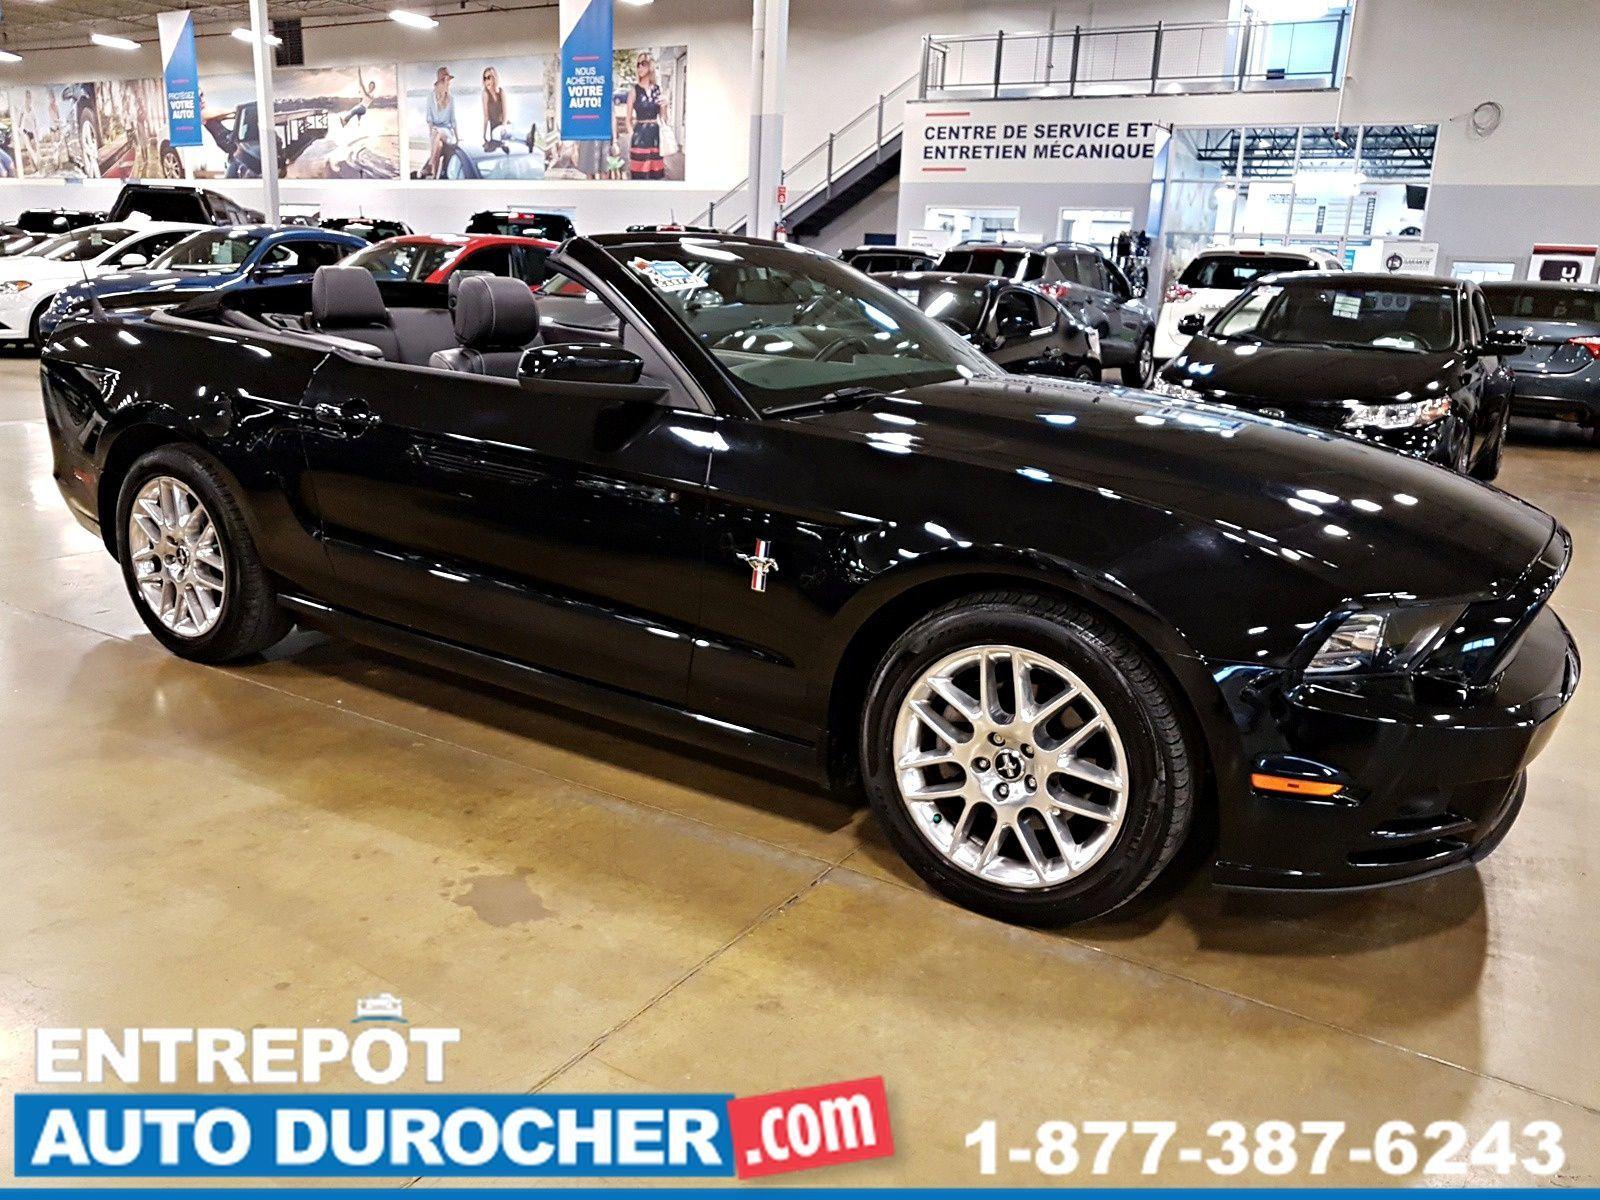 2014 Ford Mustang V6 Premium, Décapotable - Automatique - NAVIGATION - Leather